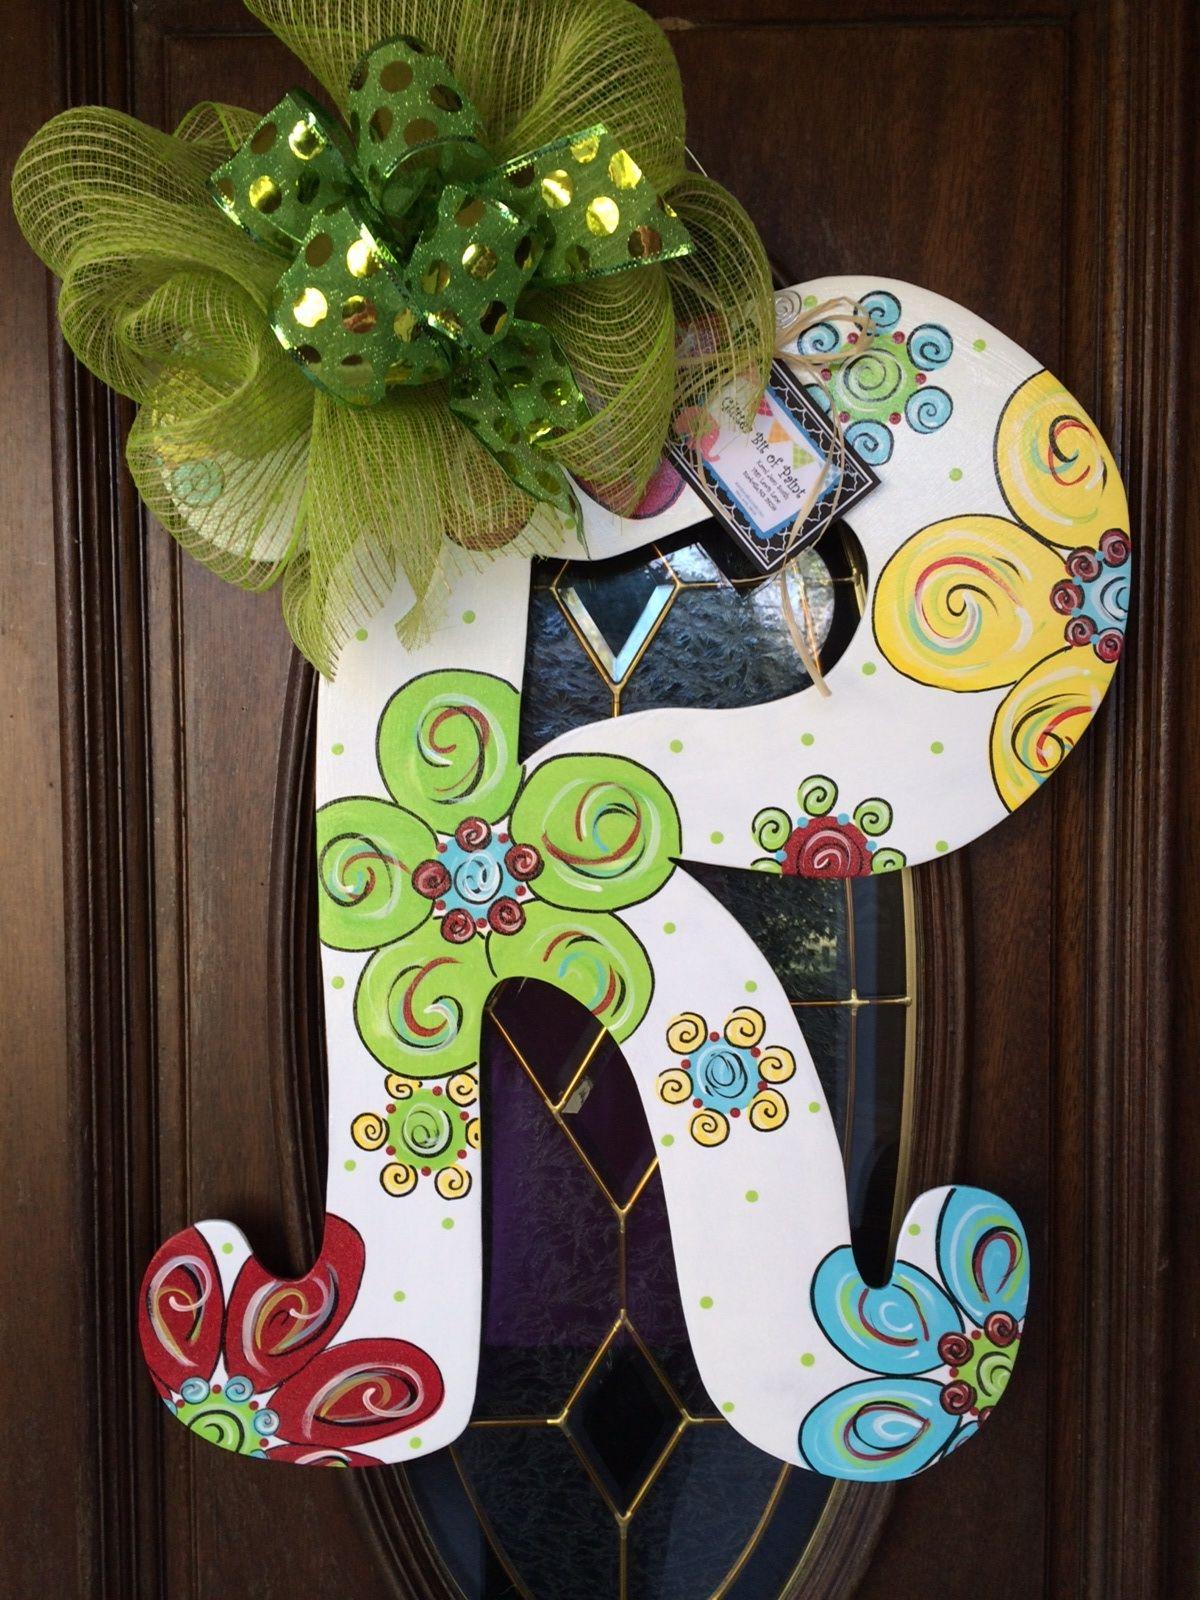 Painted Wooden Letters Door Hangers